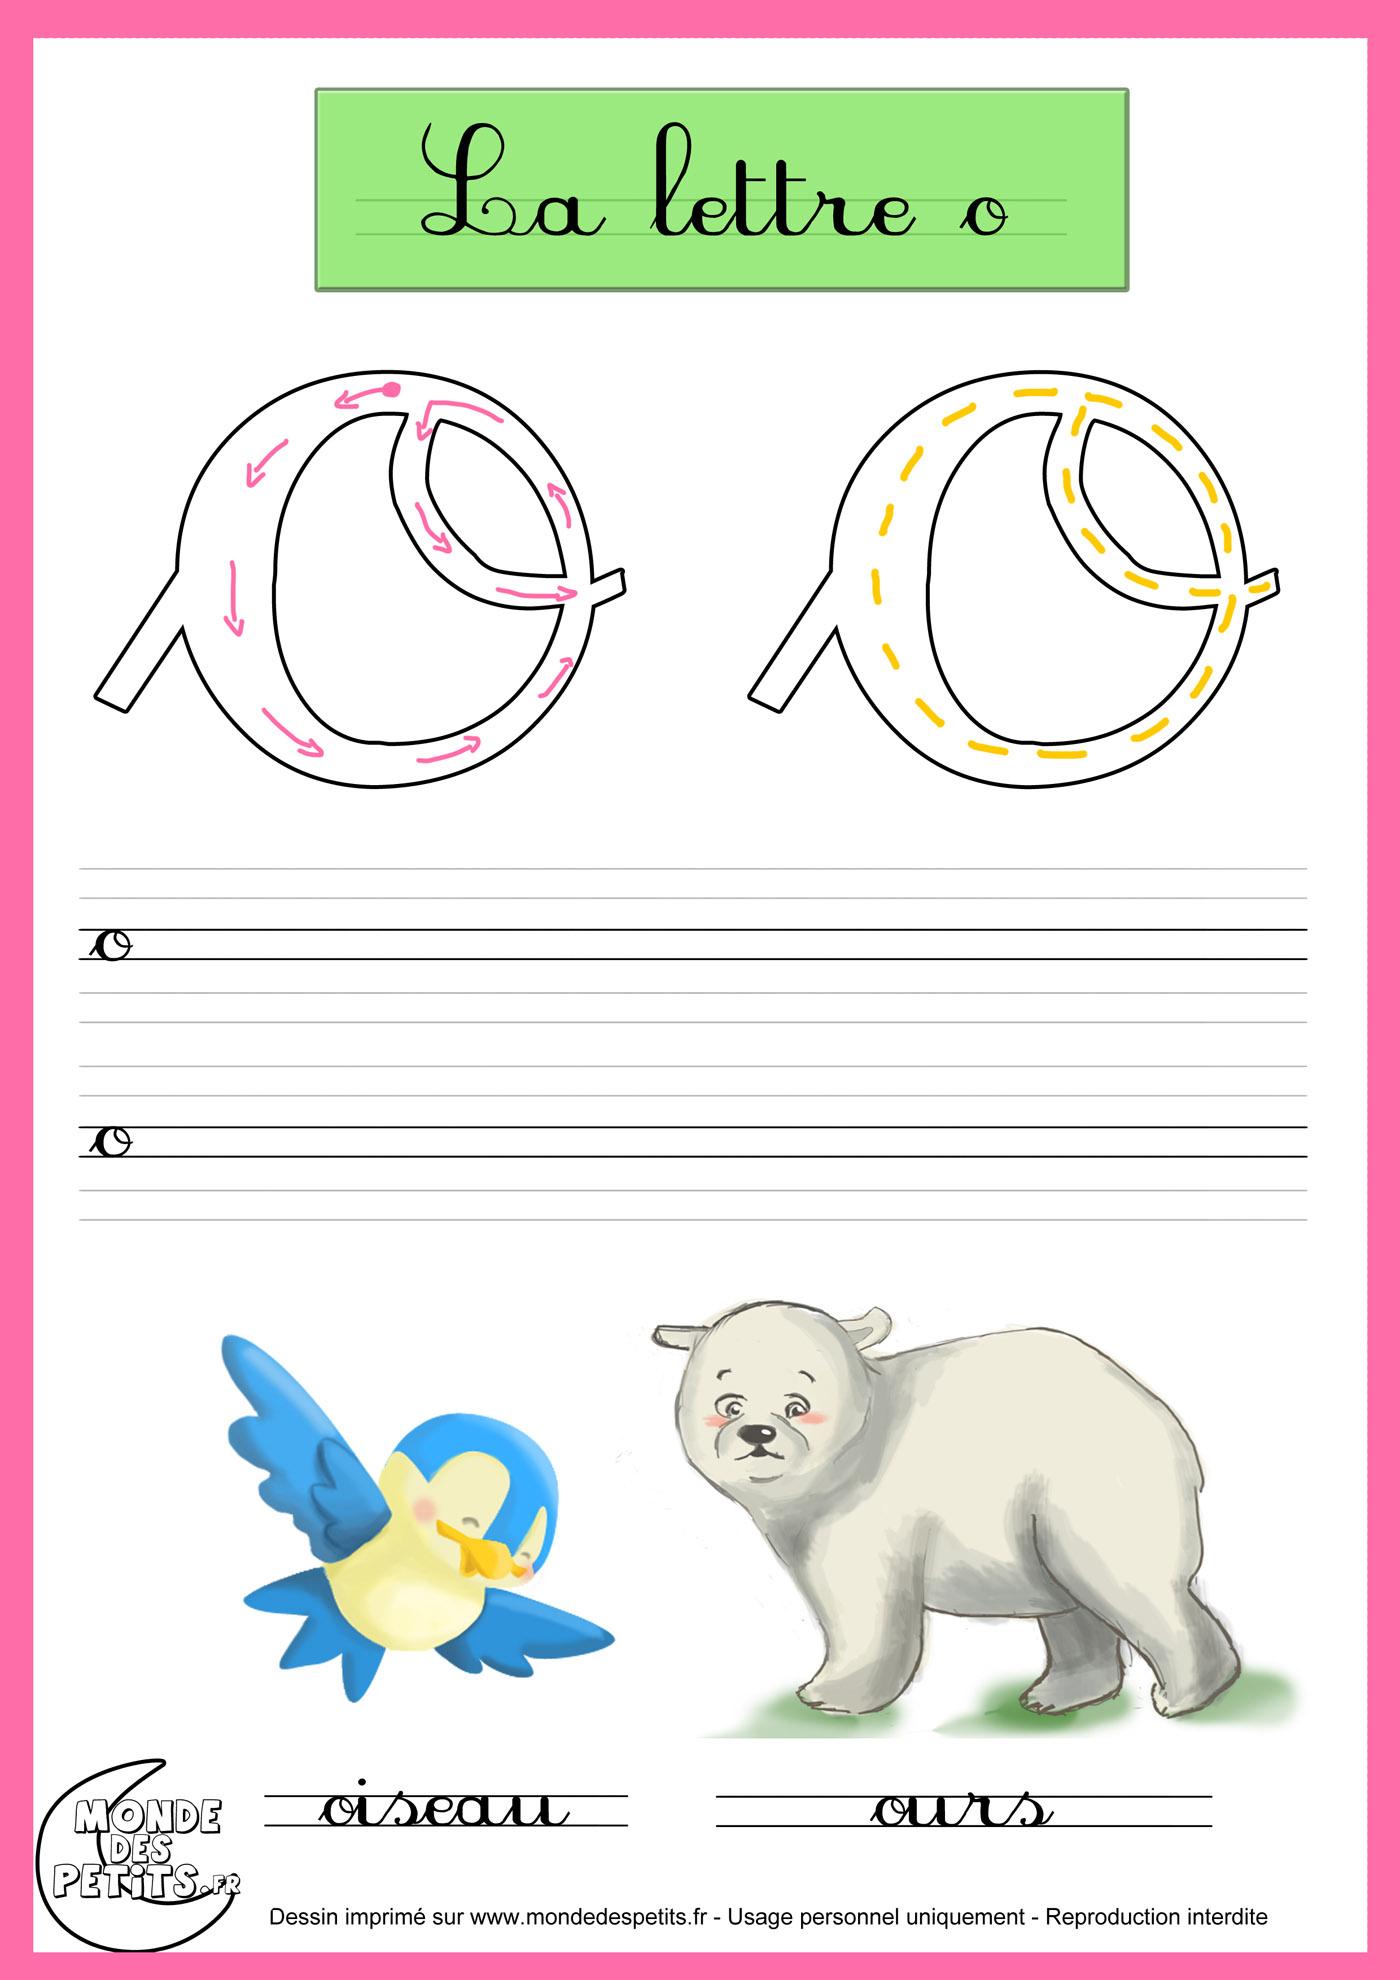 Monde Des Petits - Fiches dedans Apprendre A Ecrire Les Lettres En Minuscule